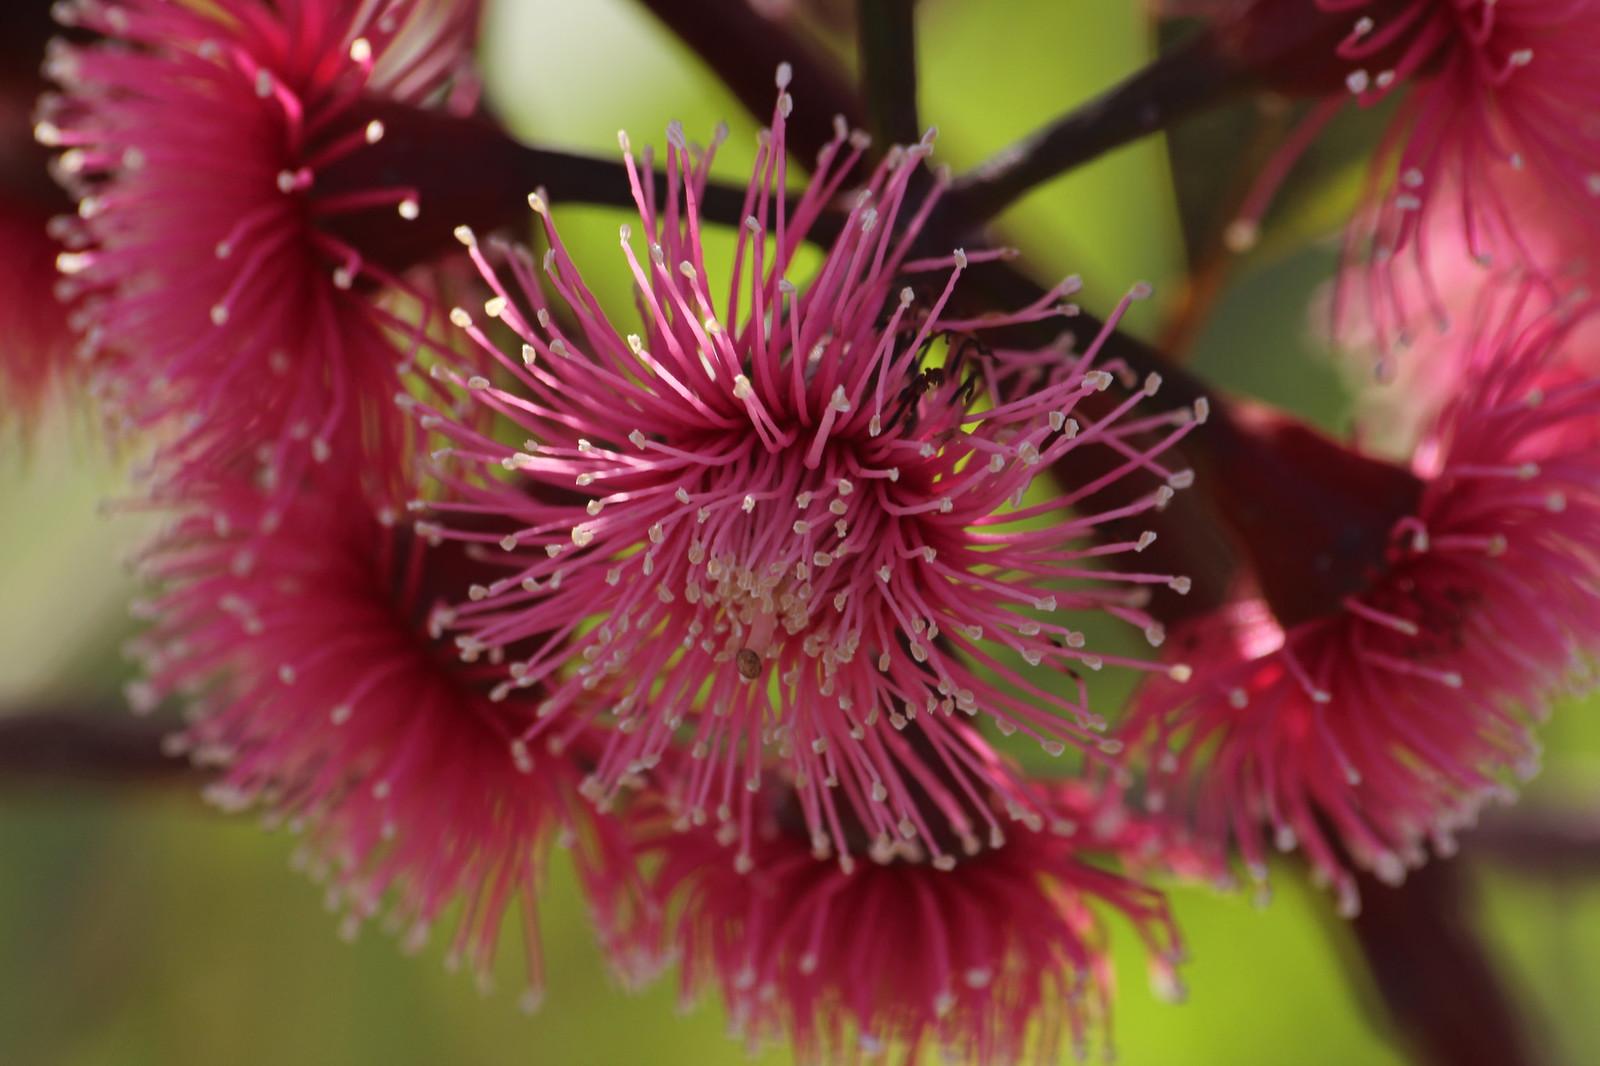 eucalyptus tree blossom